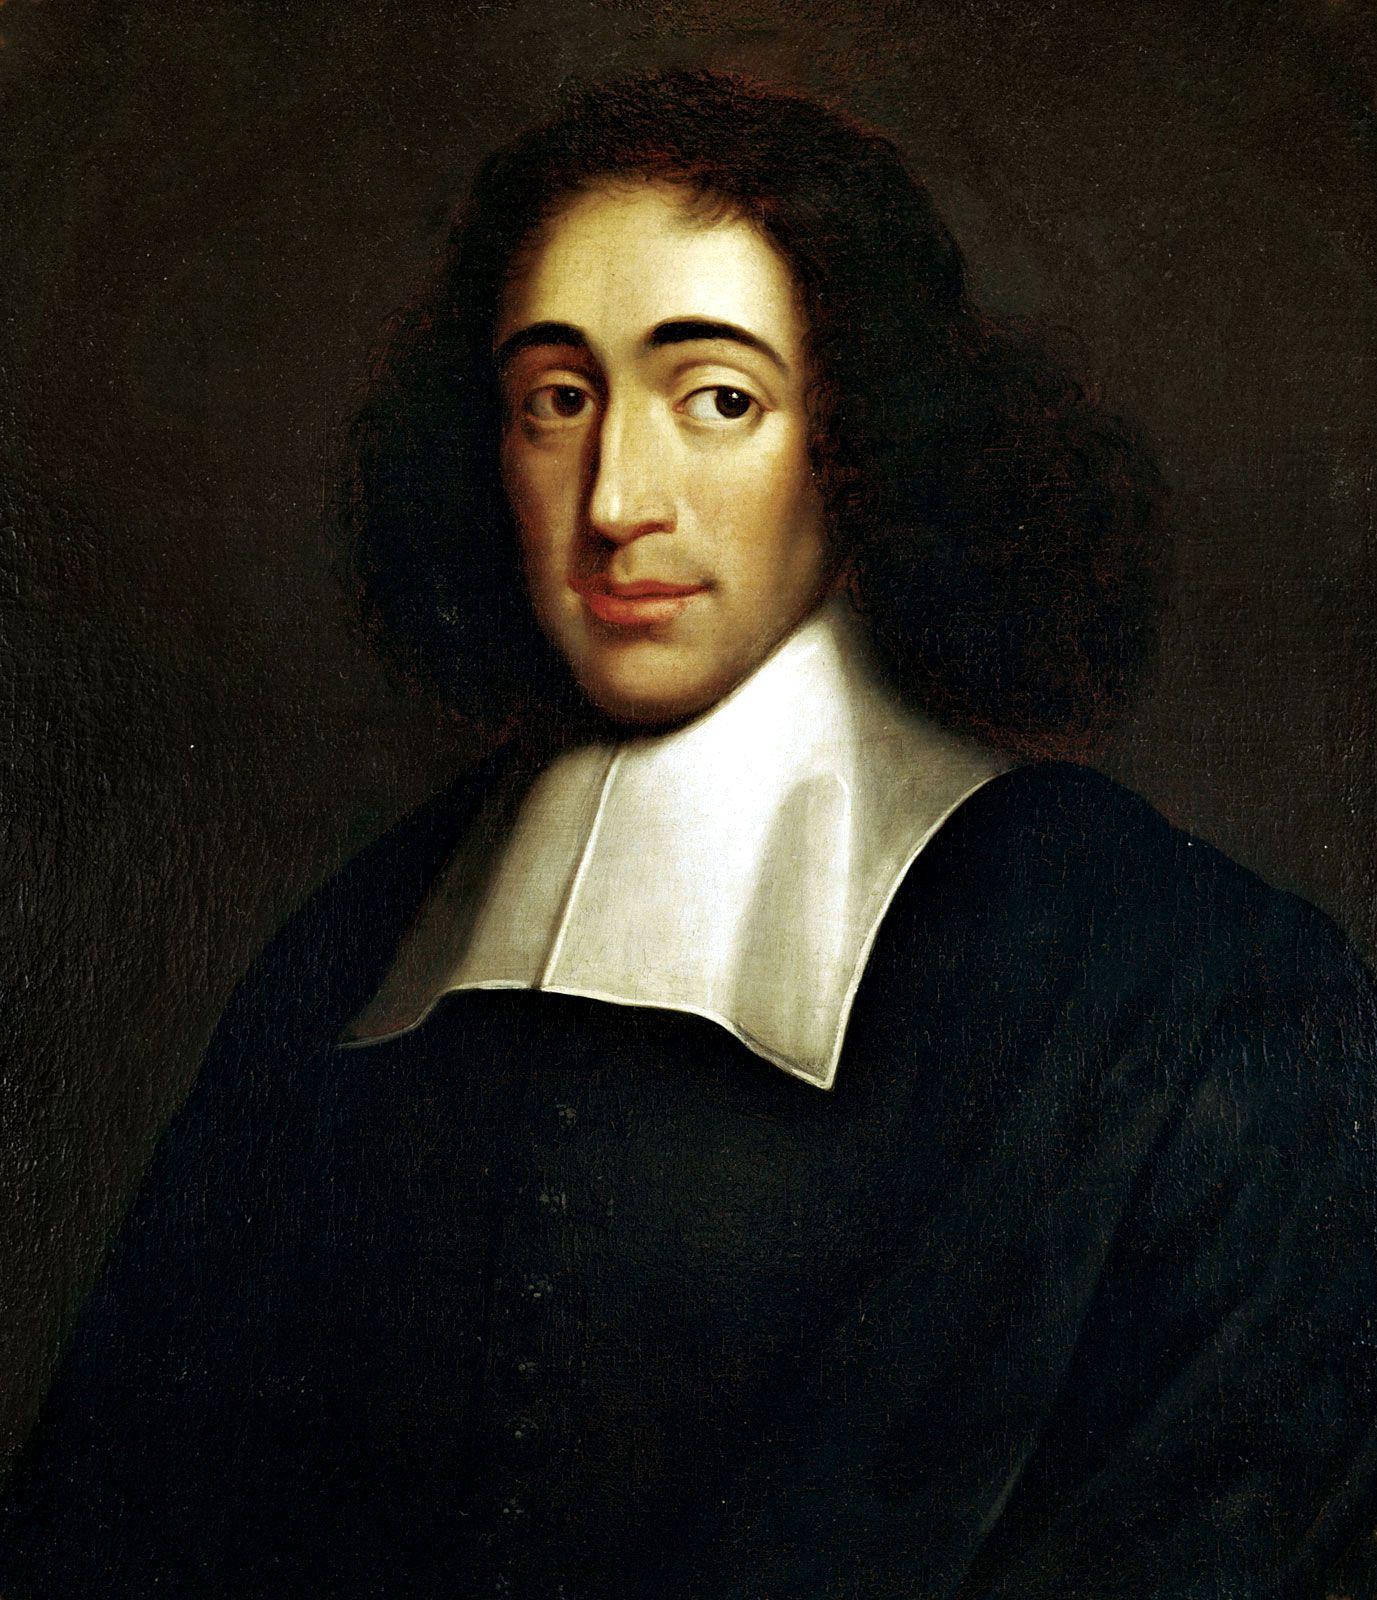 La philosophie politique de Spinoza, 11 : relations concrètes de la politique et de la religion